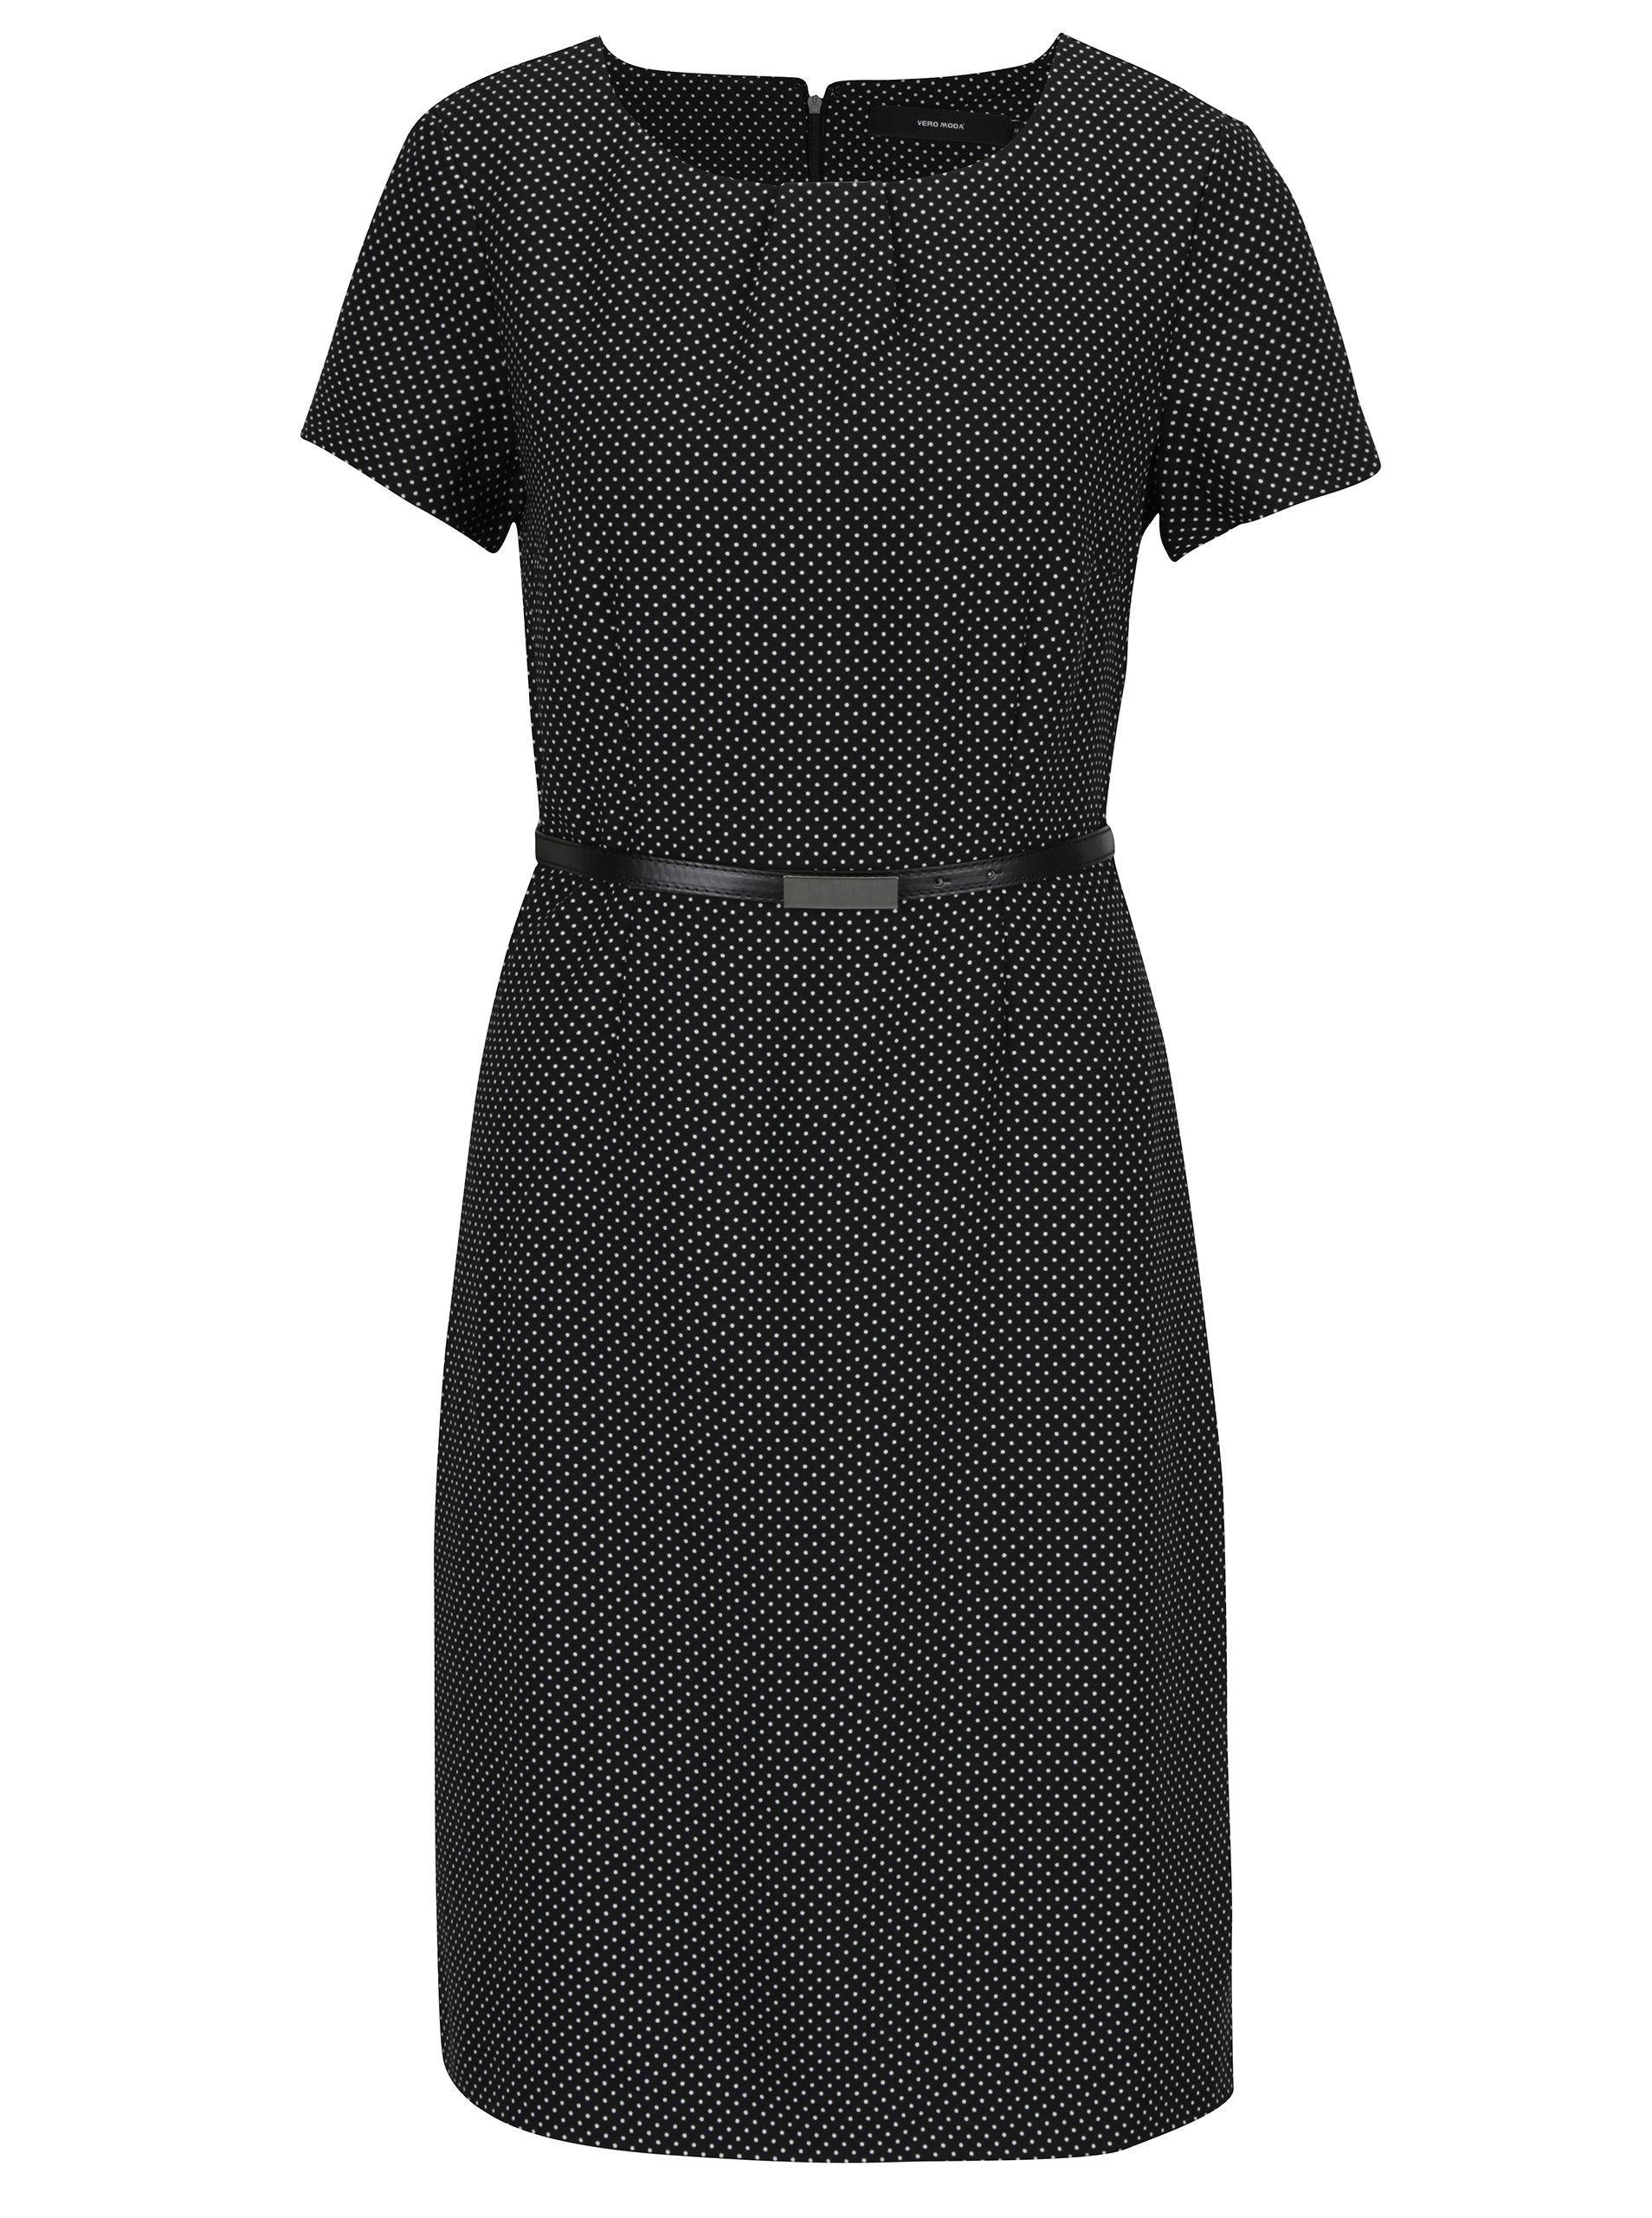 5a72c8fe480d Černé puntíkované šaty s páskem VERO MODA Helen ...